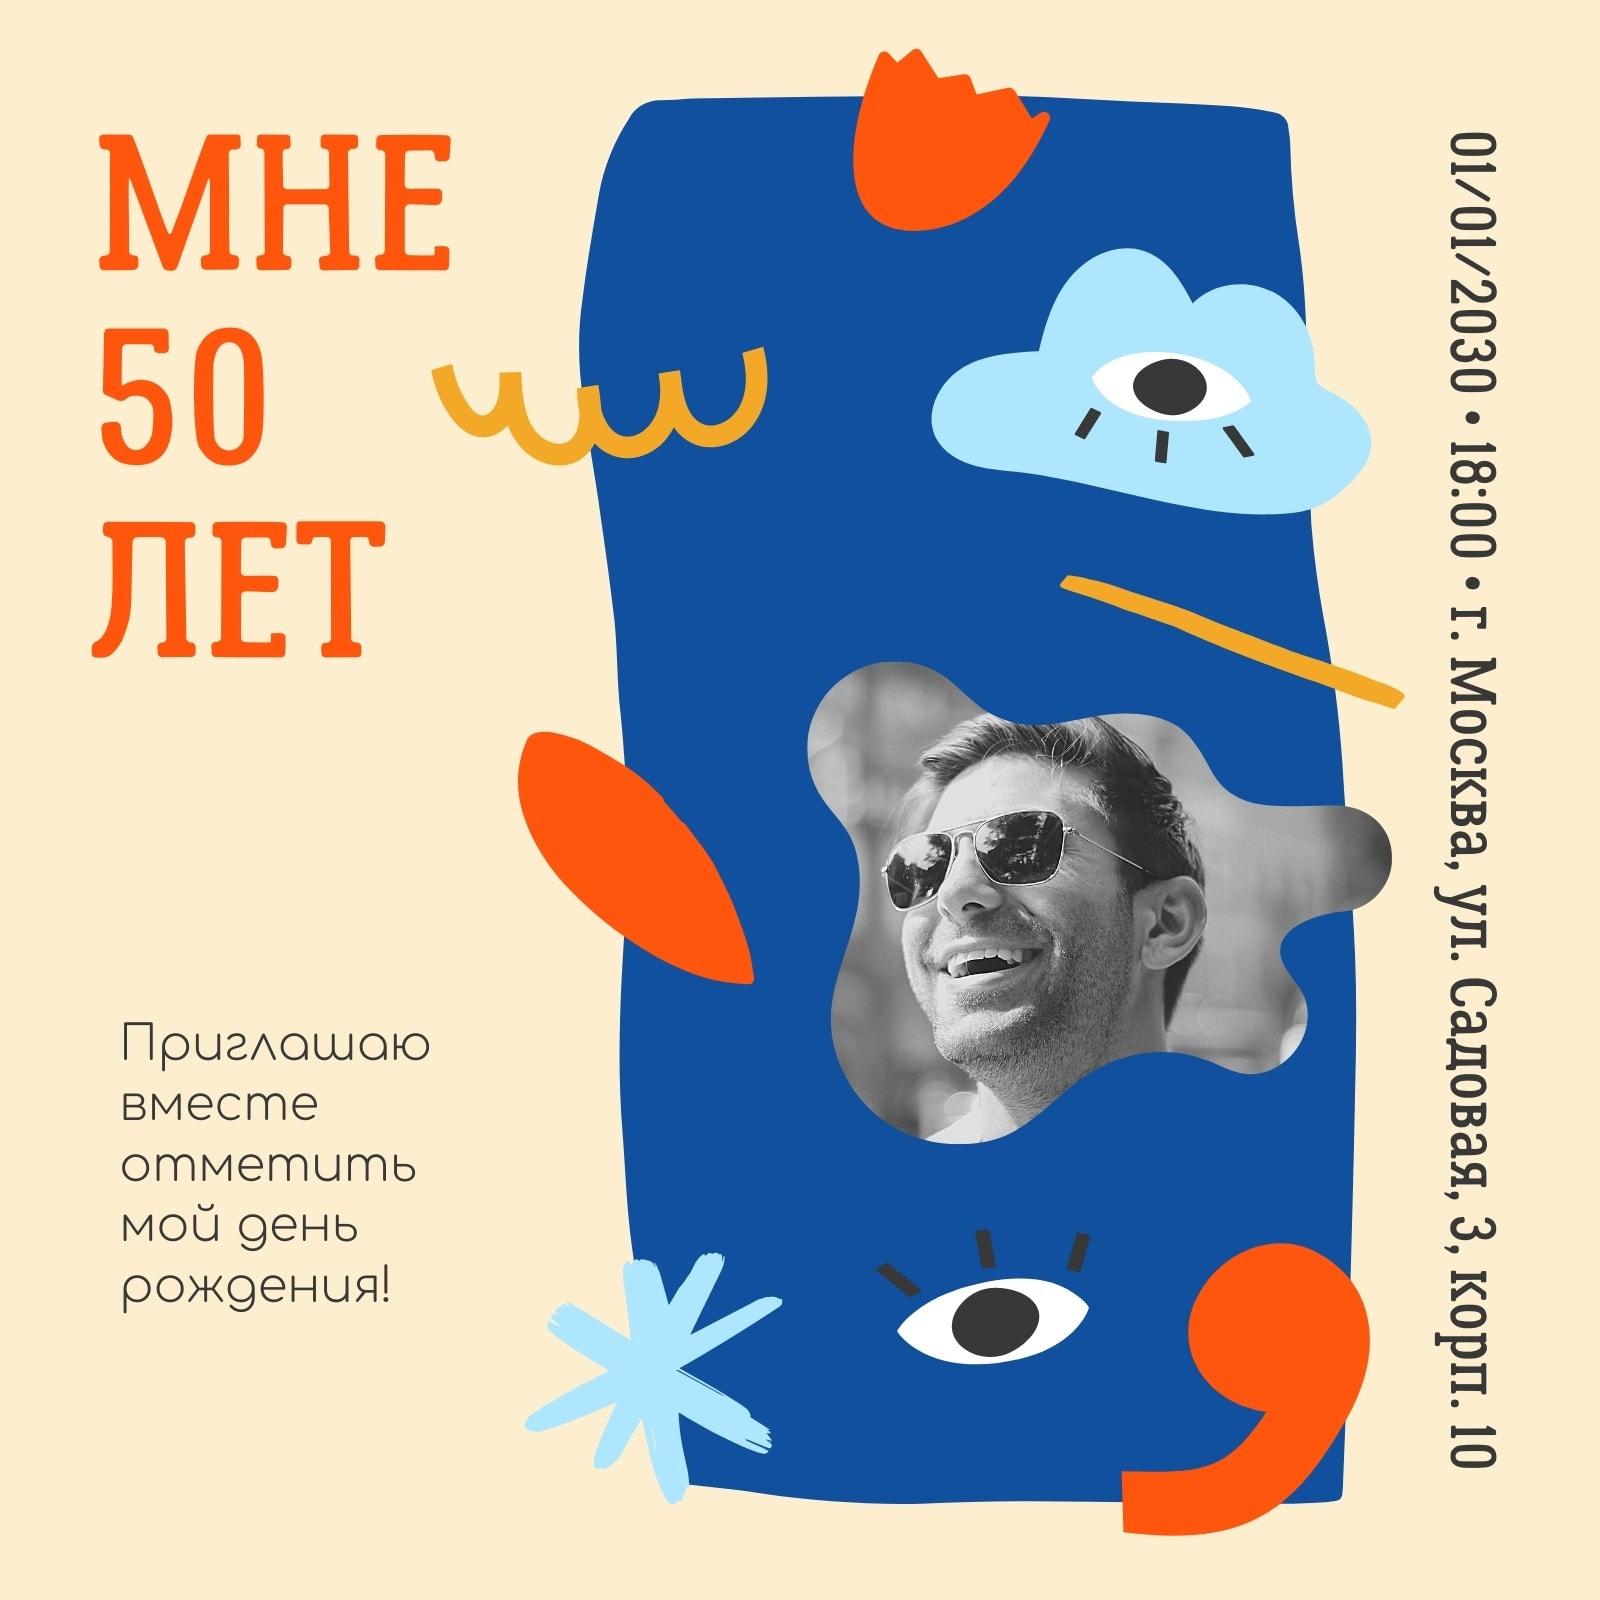 Светло-желтое приглашение на празднование 50-летнего юбилея с фотографией мужчины и абстрактными фигурами